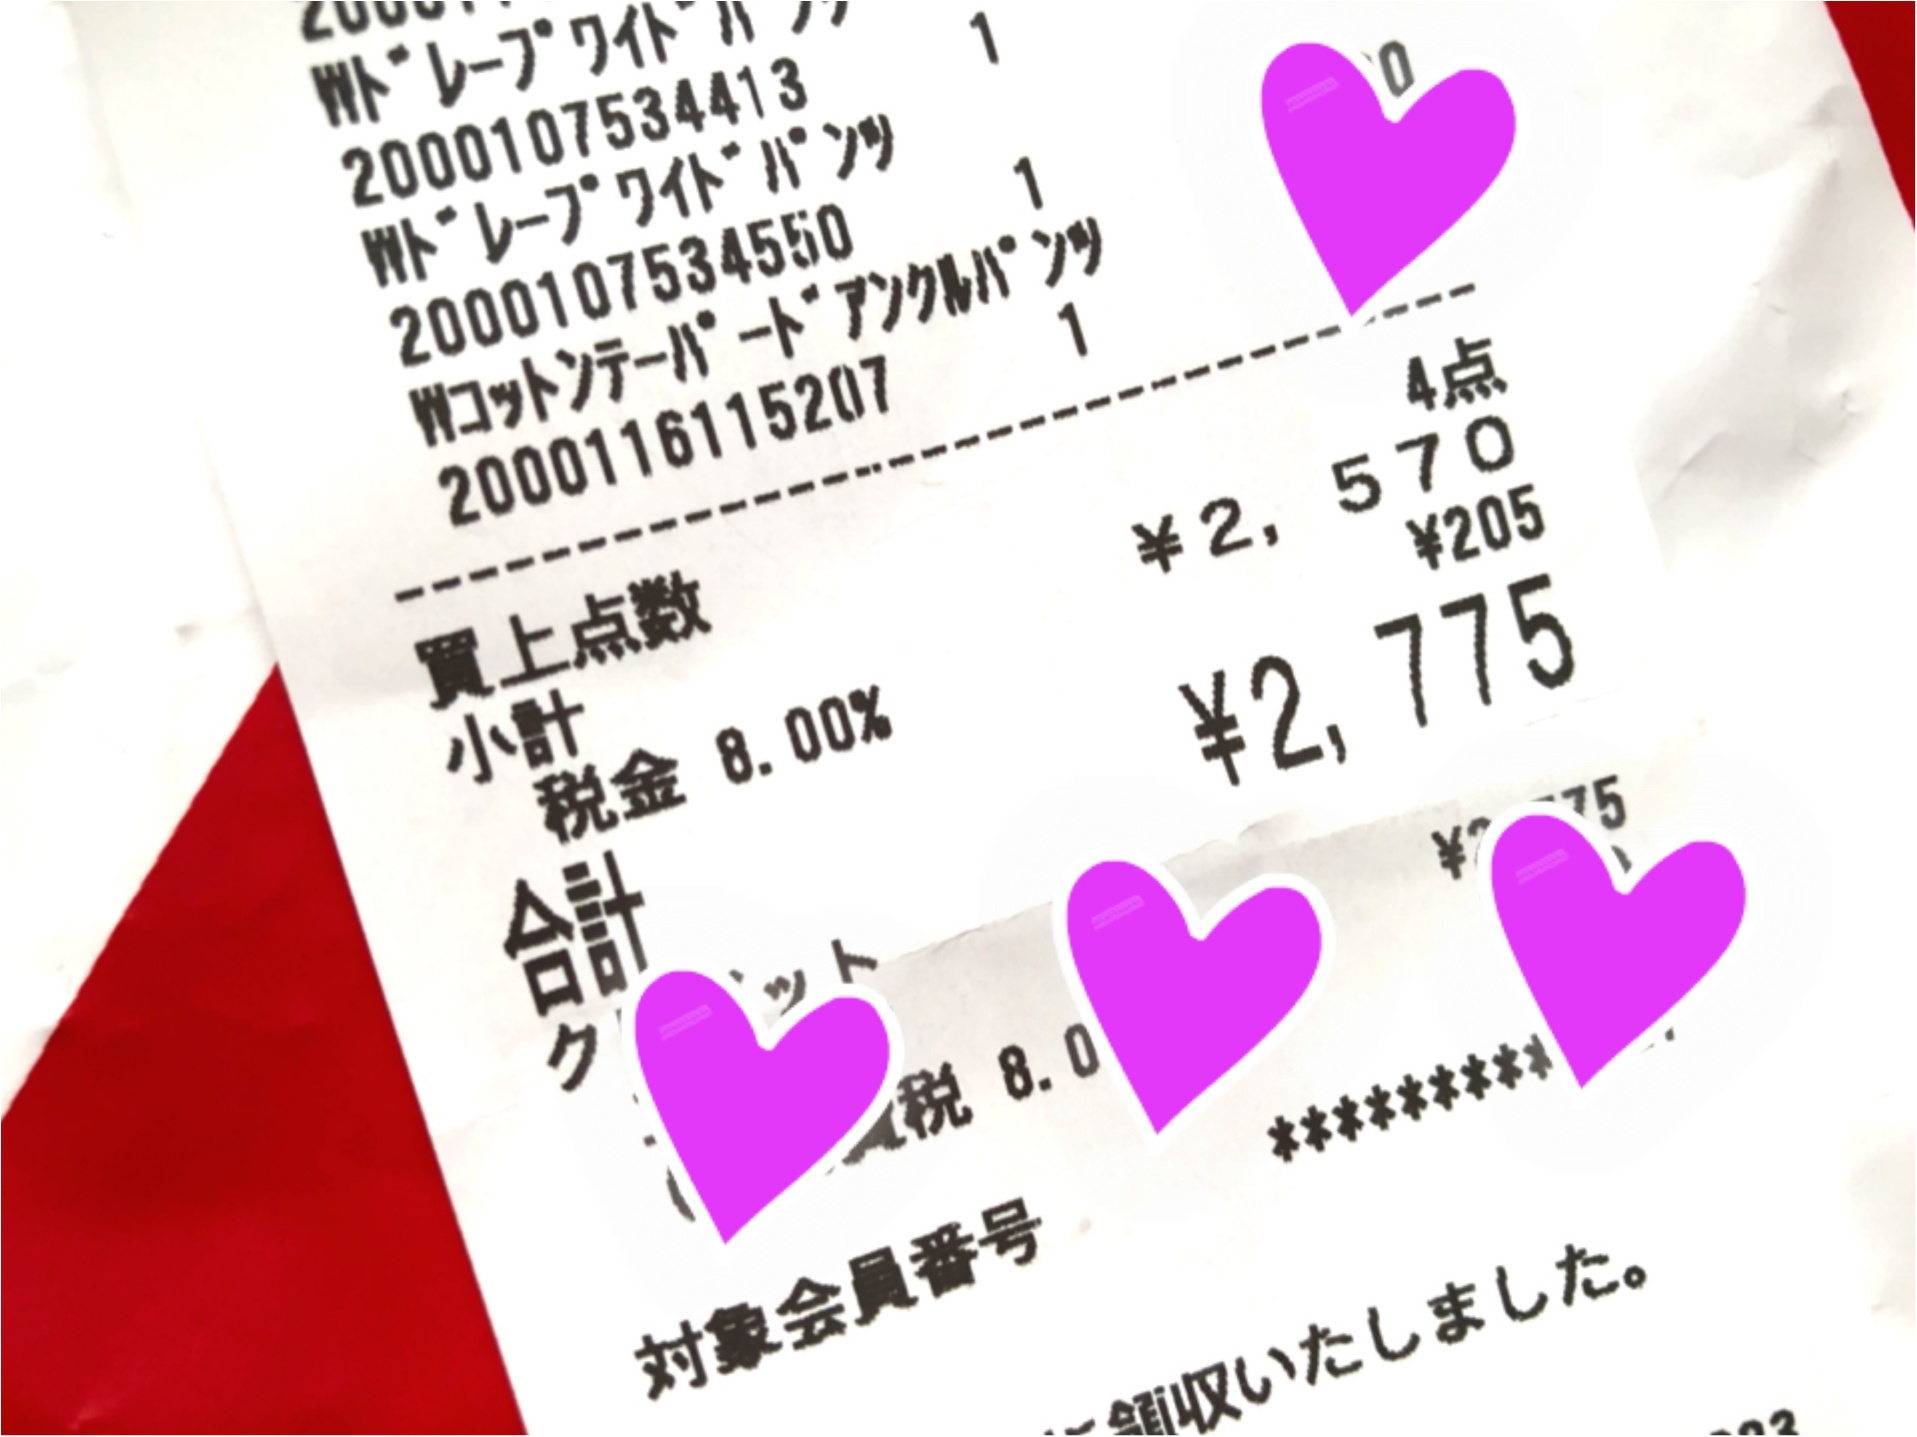 【UNIQLO】衝撃価格。今から使える《春色ボトム》4着で¥3000以下でした!!_2